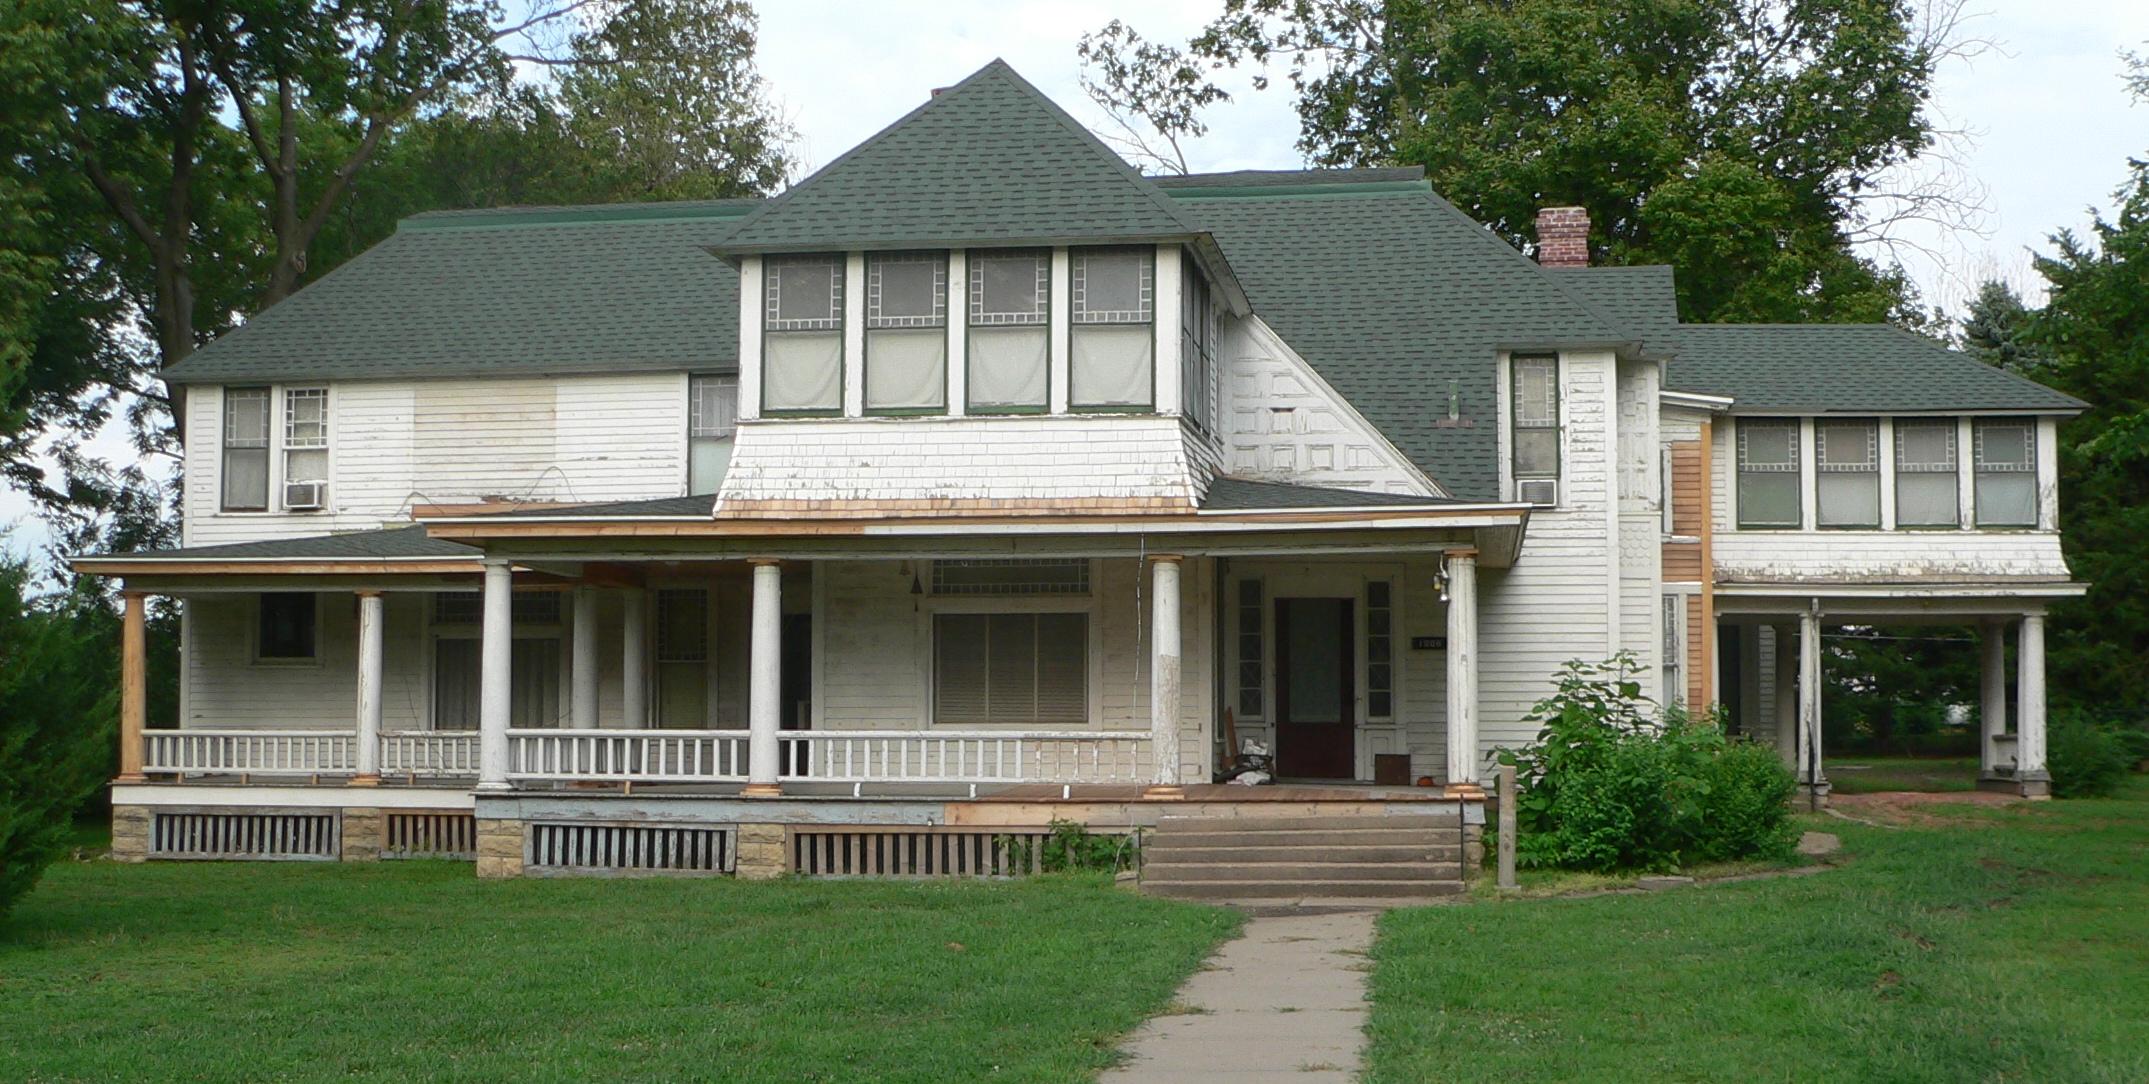 File:Weaver house (Falls City, Nebraska) from W 1.JPG - Wikimediaweaver city